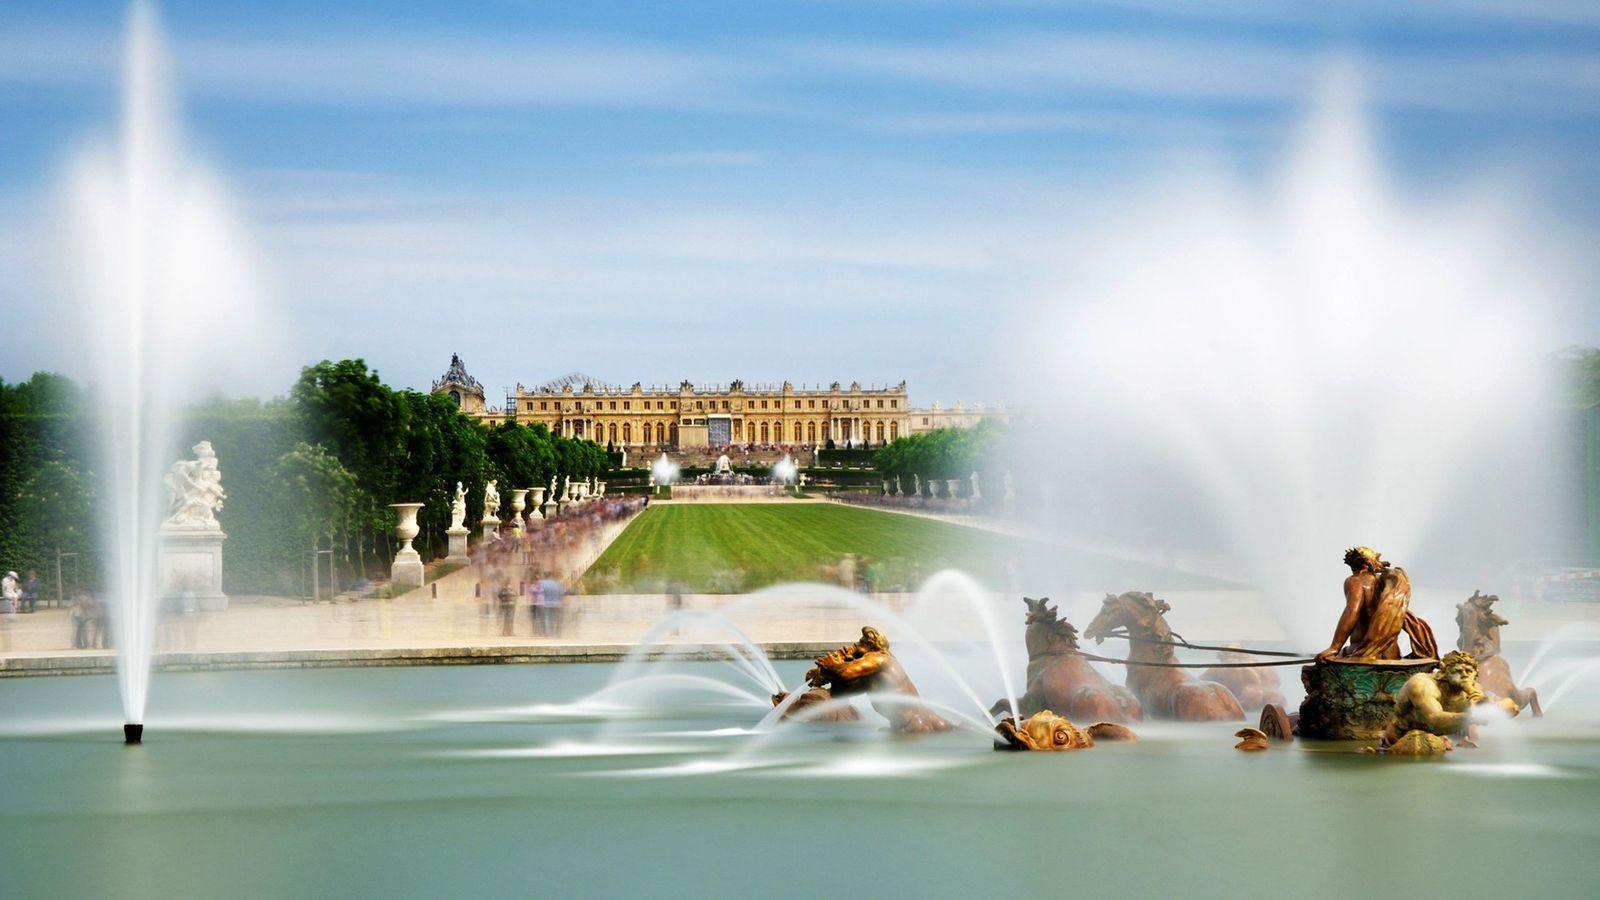 Le bassin d'Apollon est l'une des 55 pièces d'eau du château de Versailles, site classé au ...